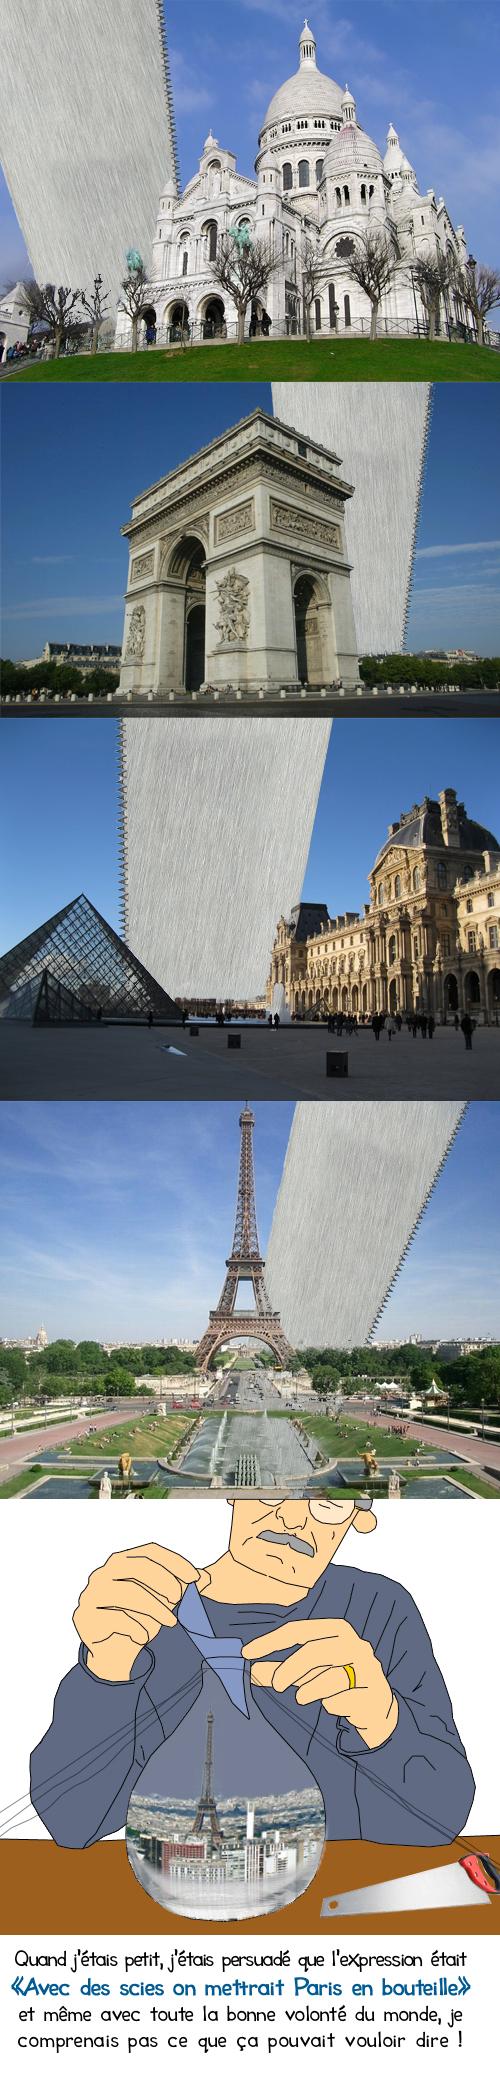 Avec Des Si On Mettrait Paris En Bouteille : mettrait, paris, bouteille, Mettrait, Paris, Bouteille, N'est